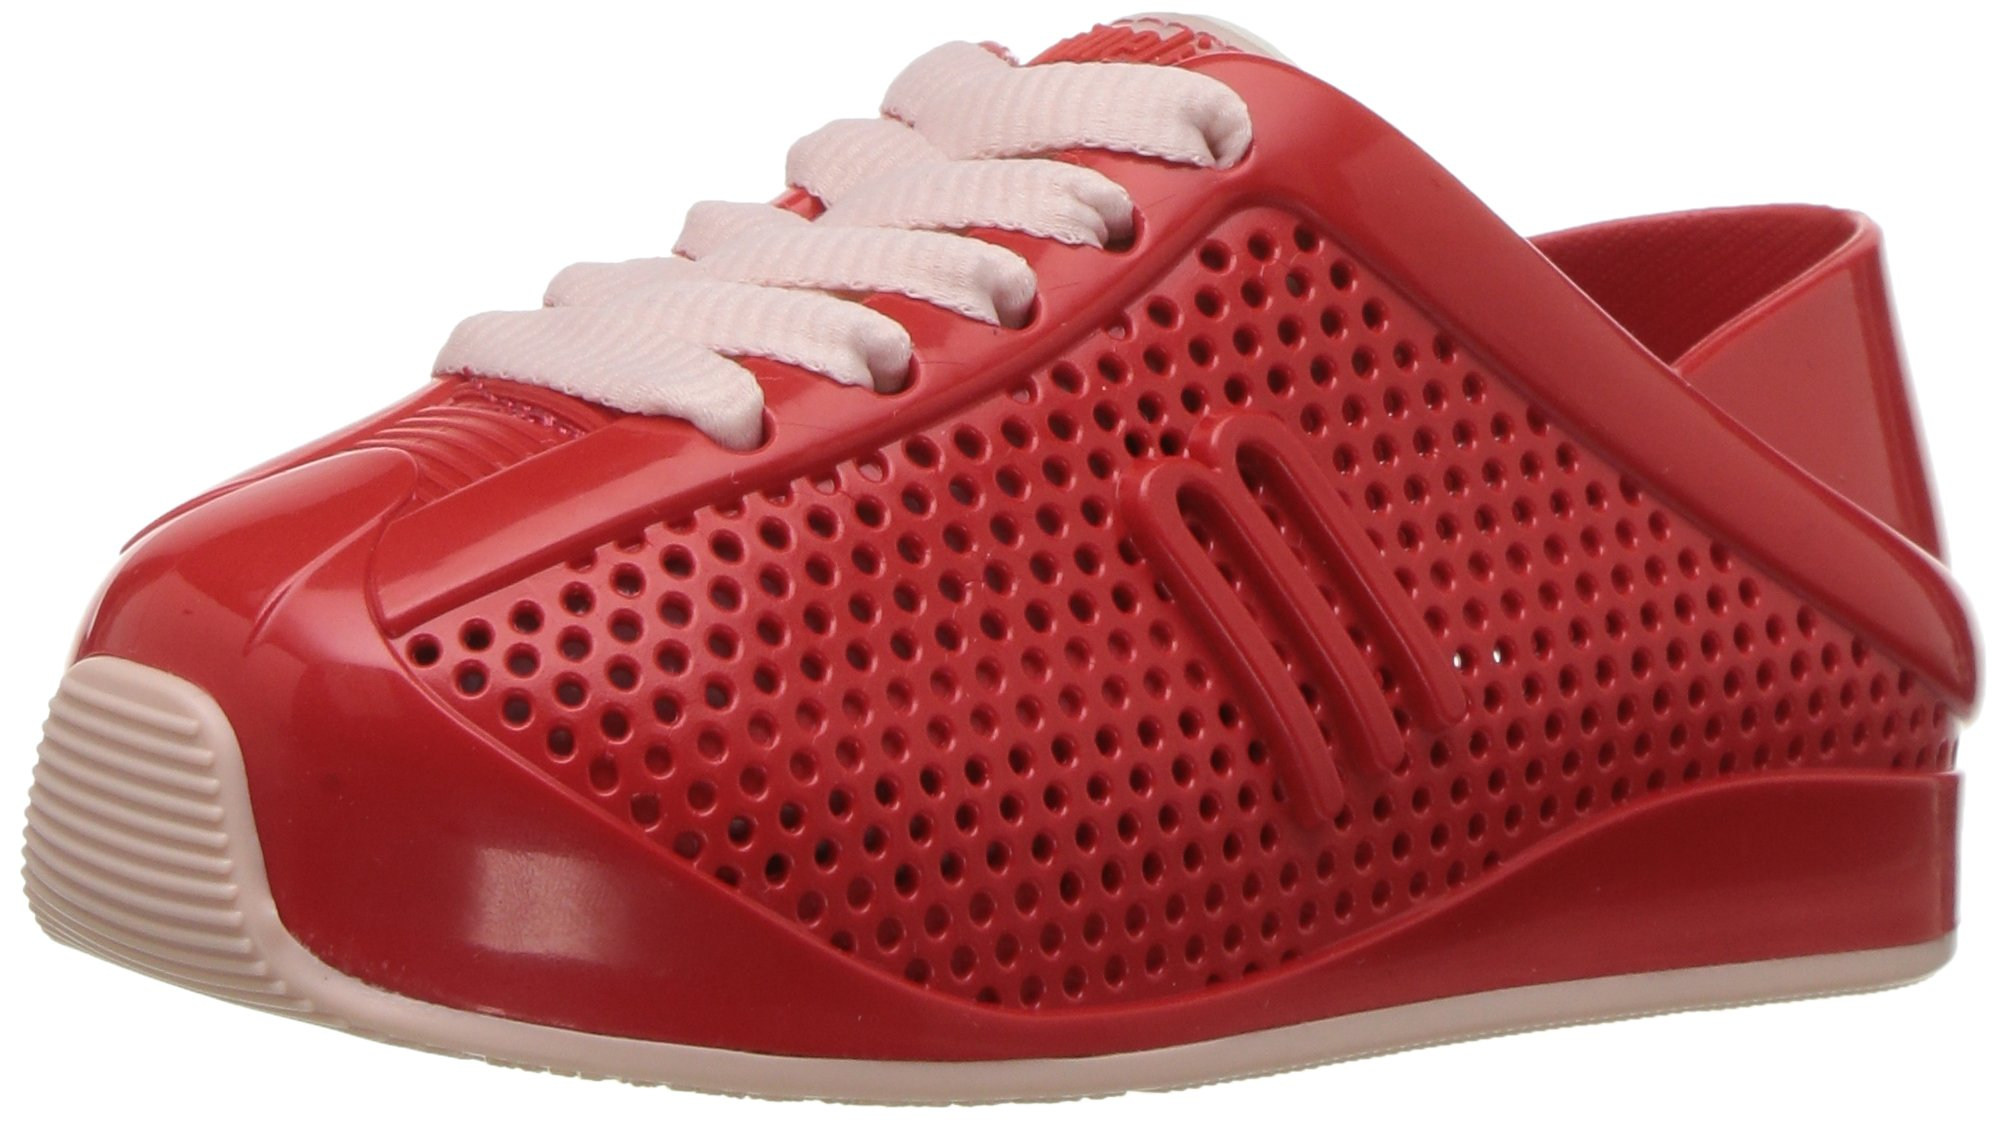 Mini Melissa Kids' Mini Love System Sneaker,Red,10 Regular US Toddler